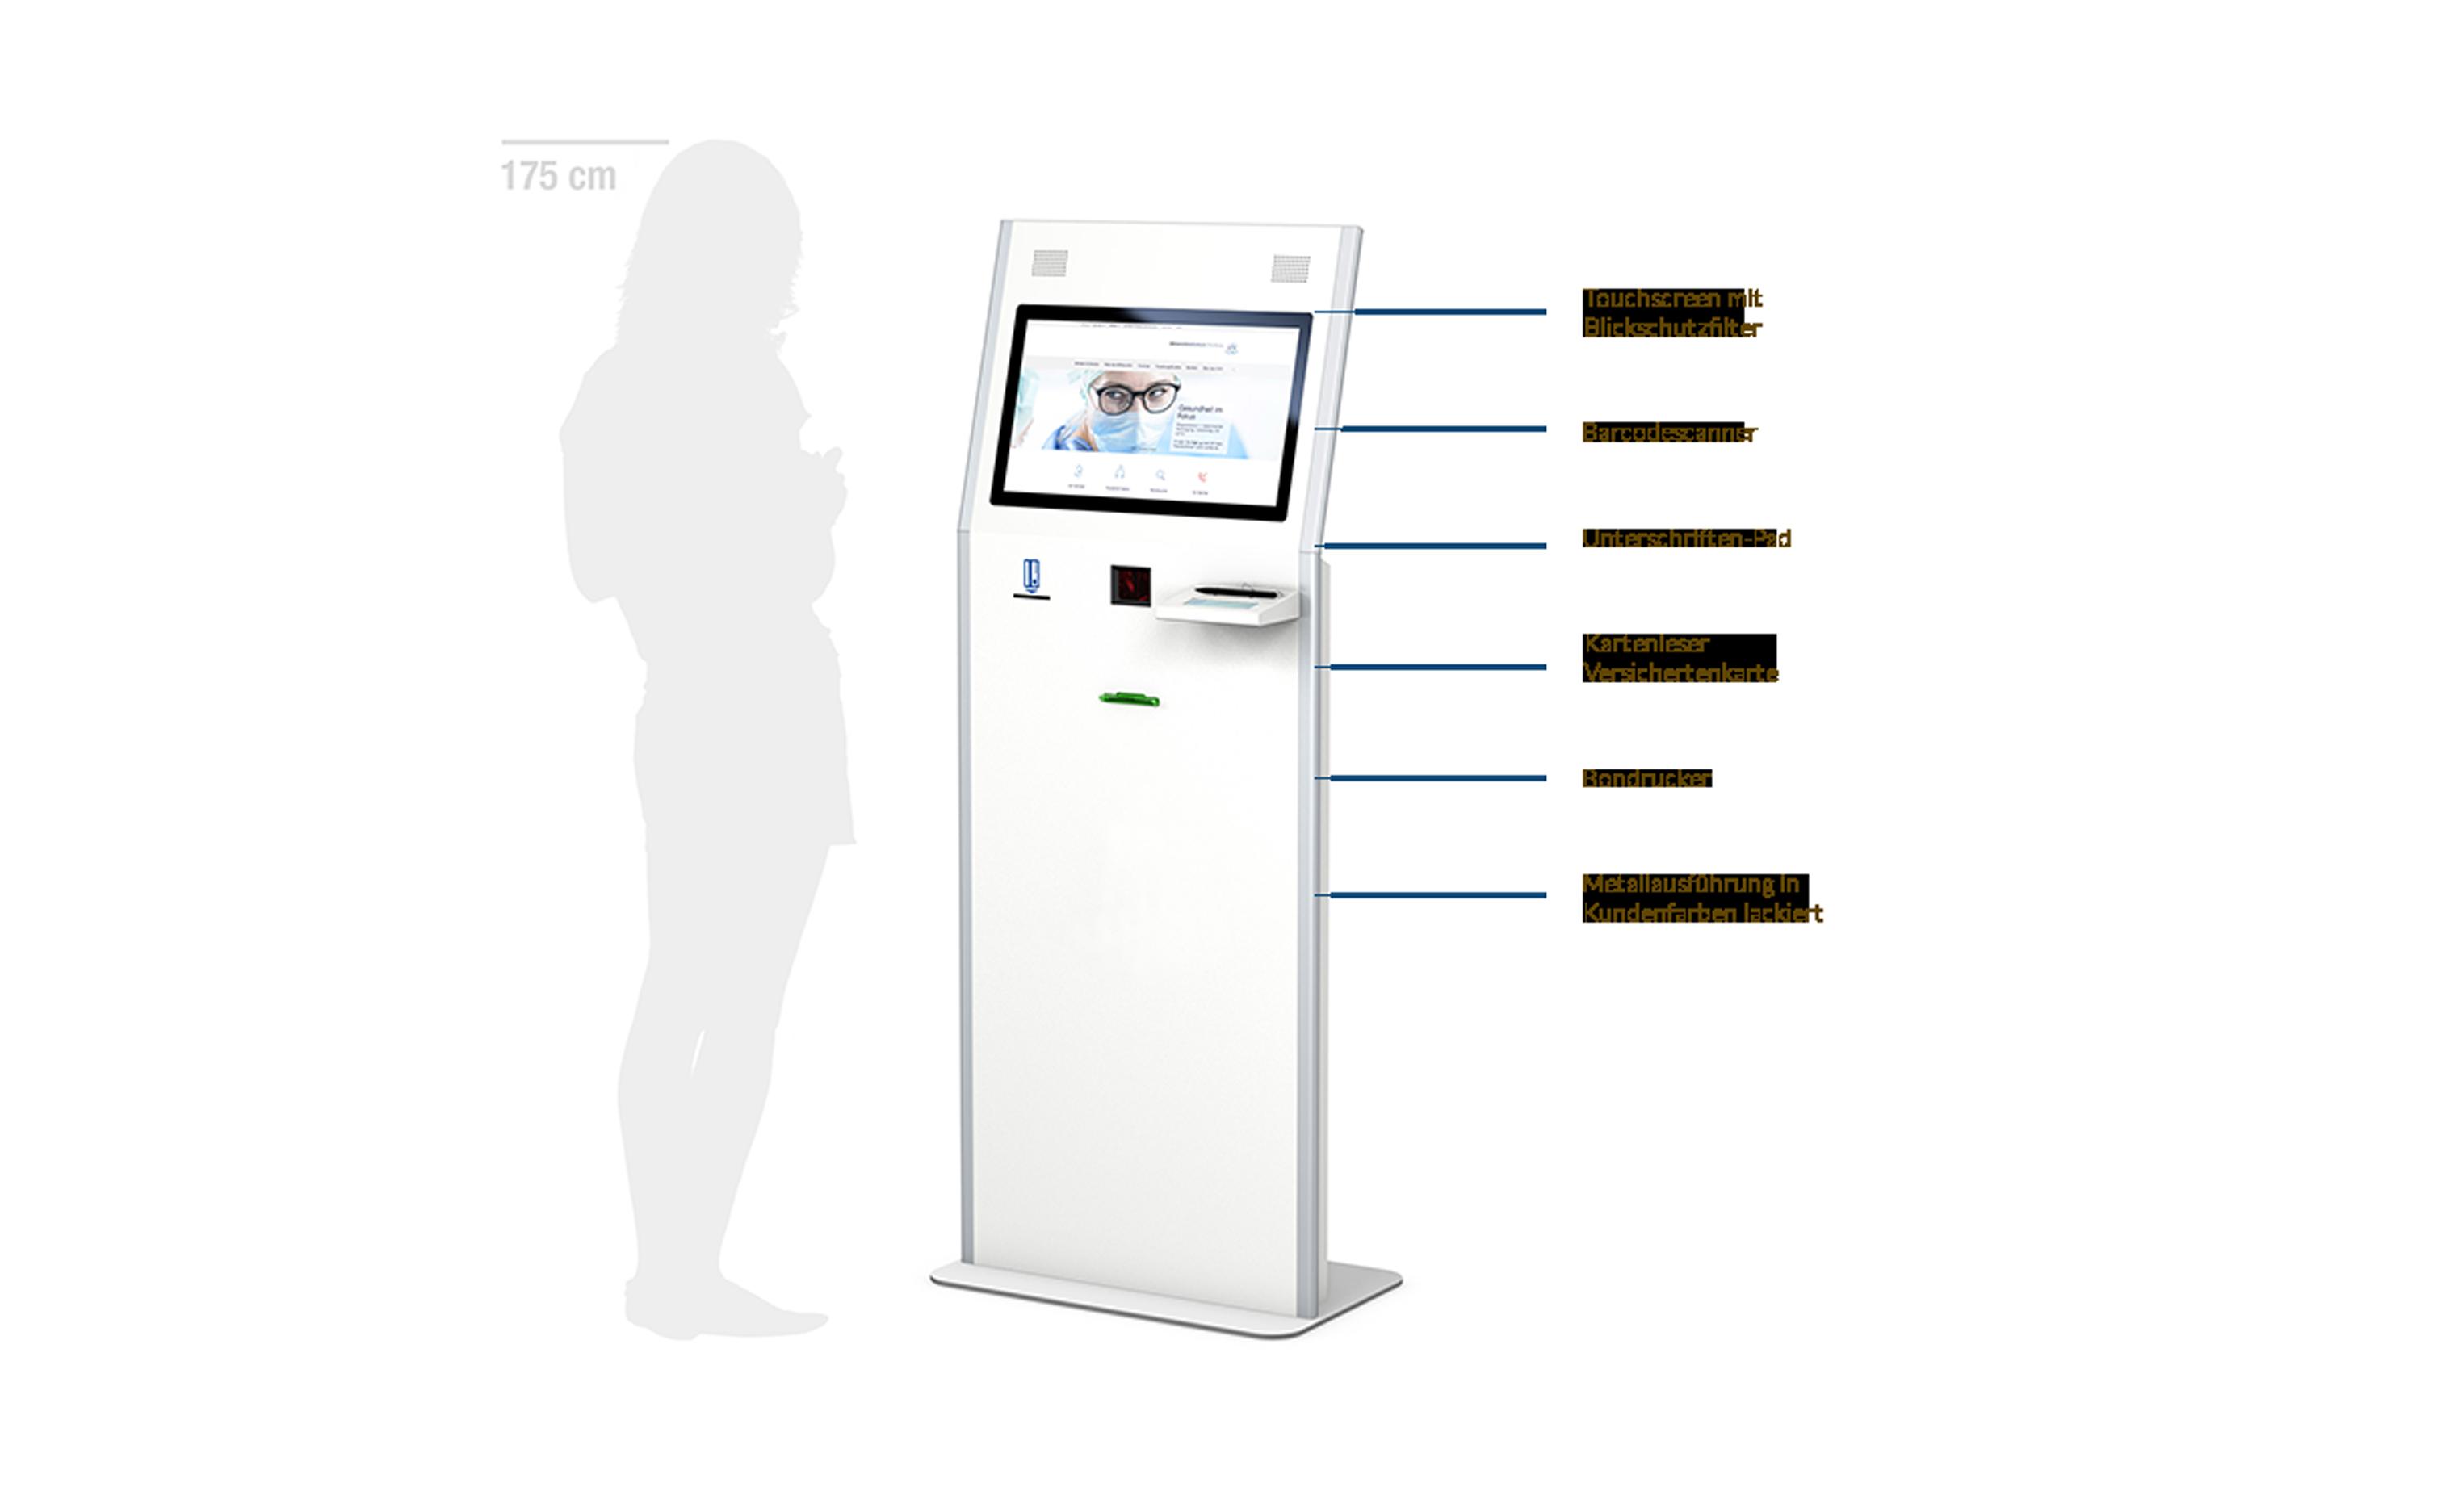 POLAVIS Kiosksysteme für den Online Check-In ins Krankenhaus